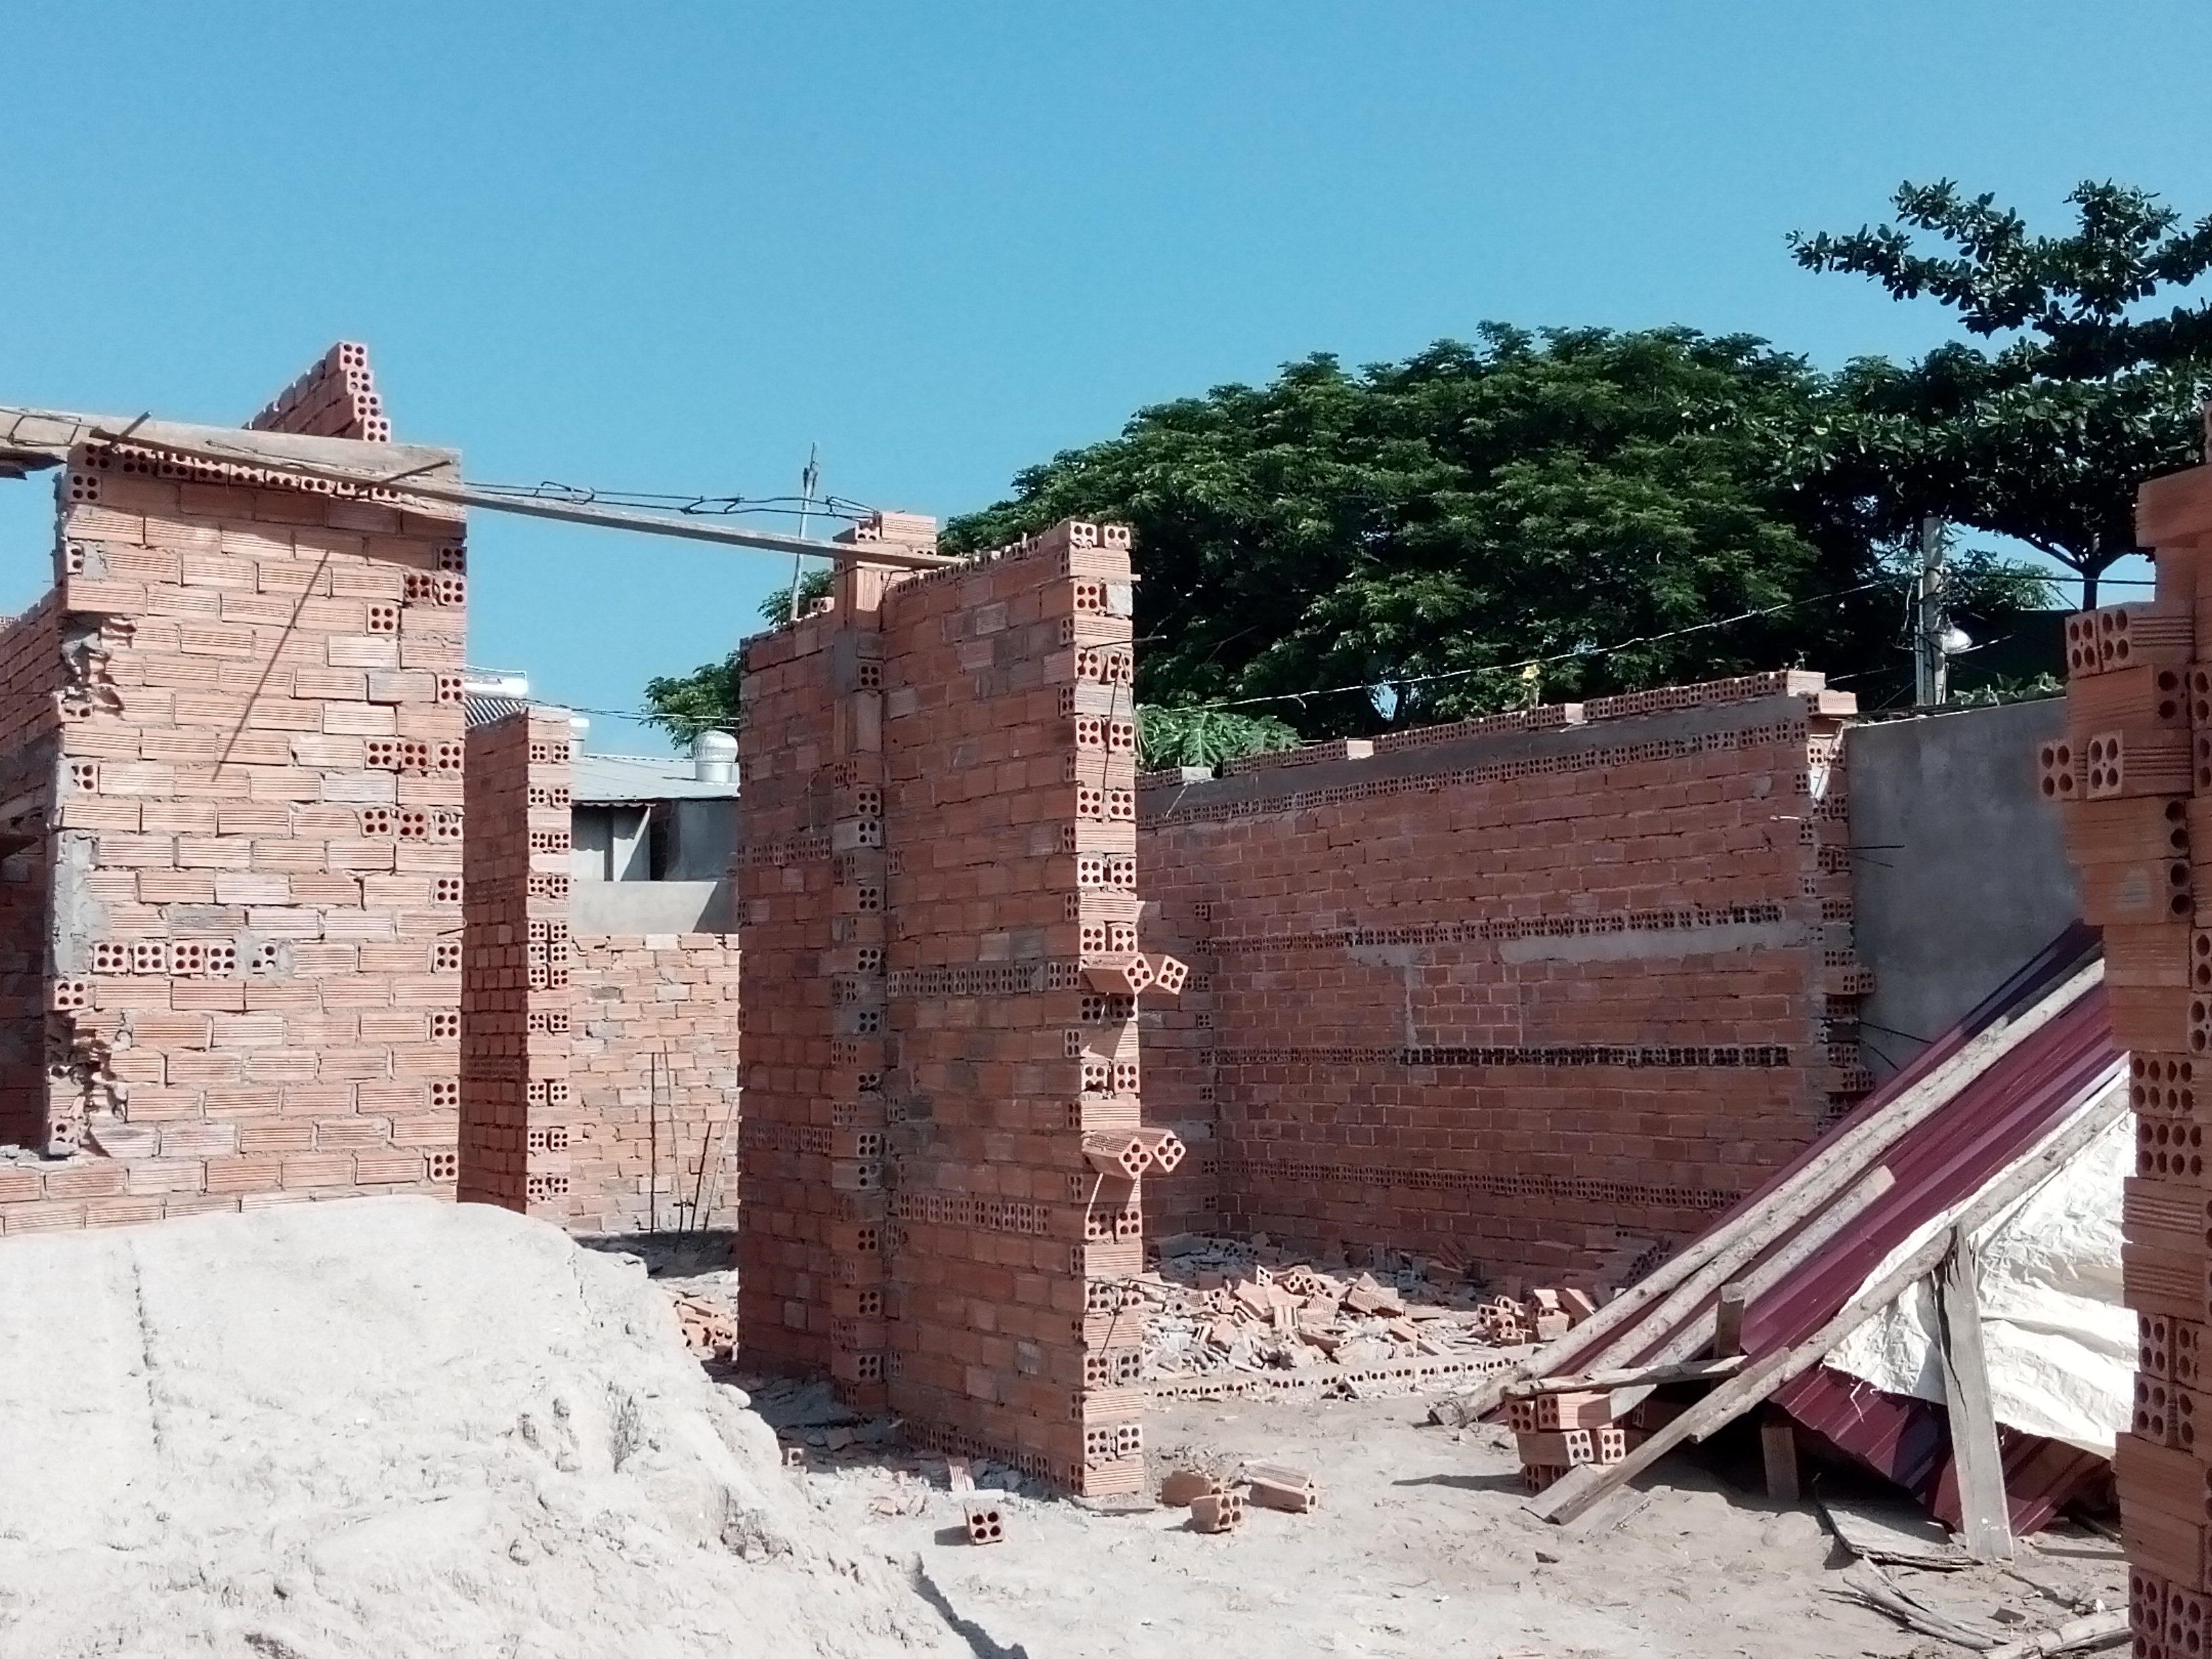 Căn nhà ông Thảo xây trái phép bị cưỡng chế